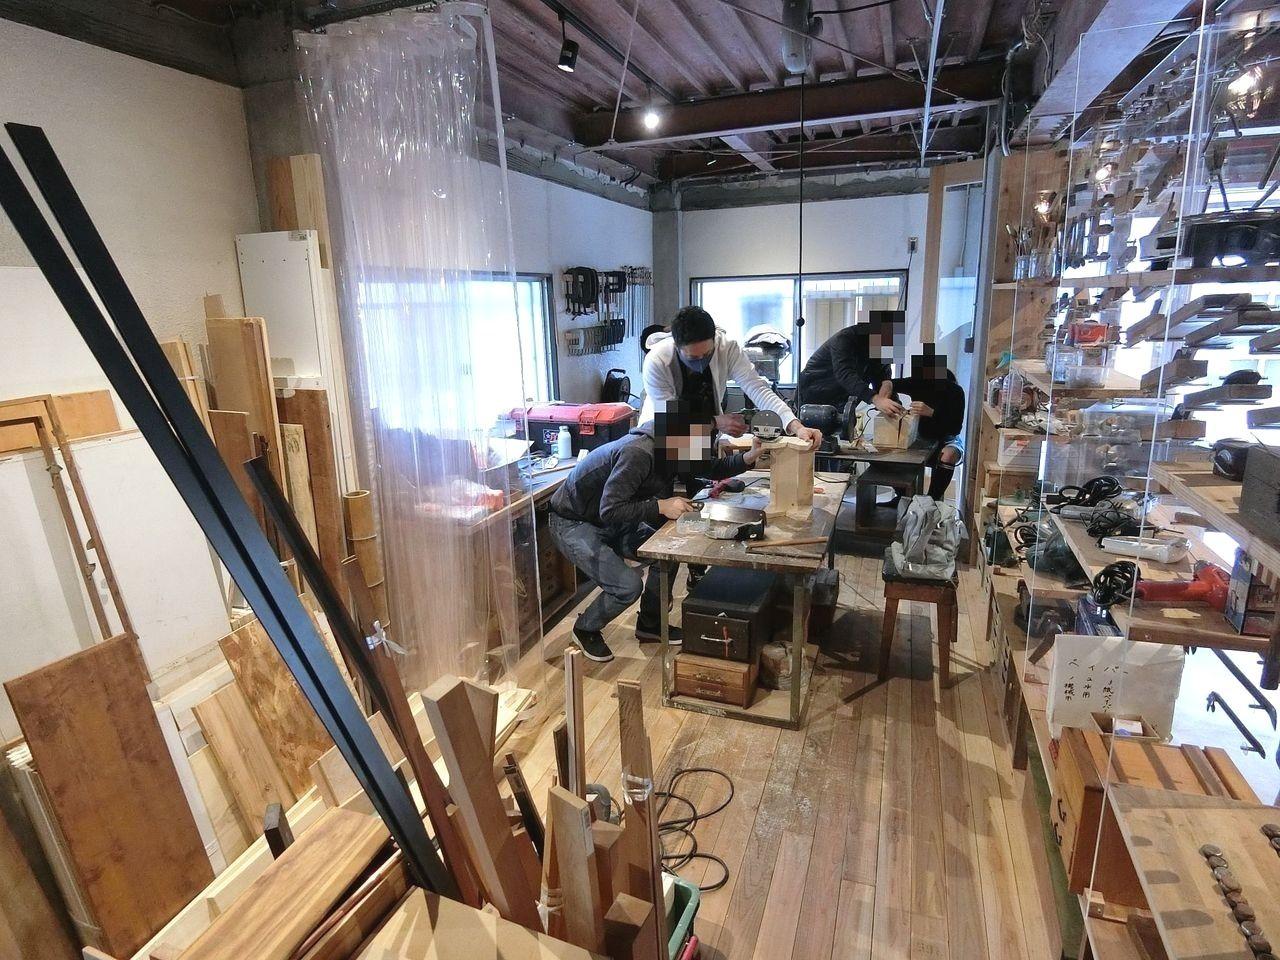 板橋区南町「11-1 studio」でのワークショップ